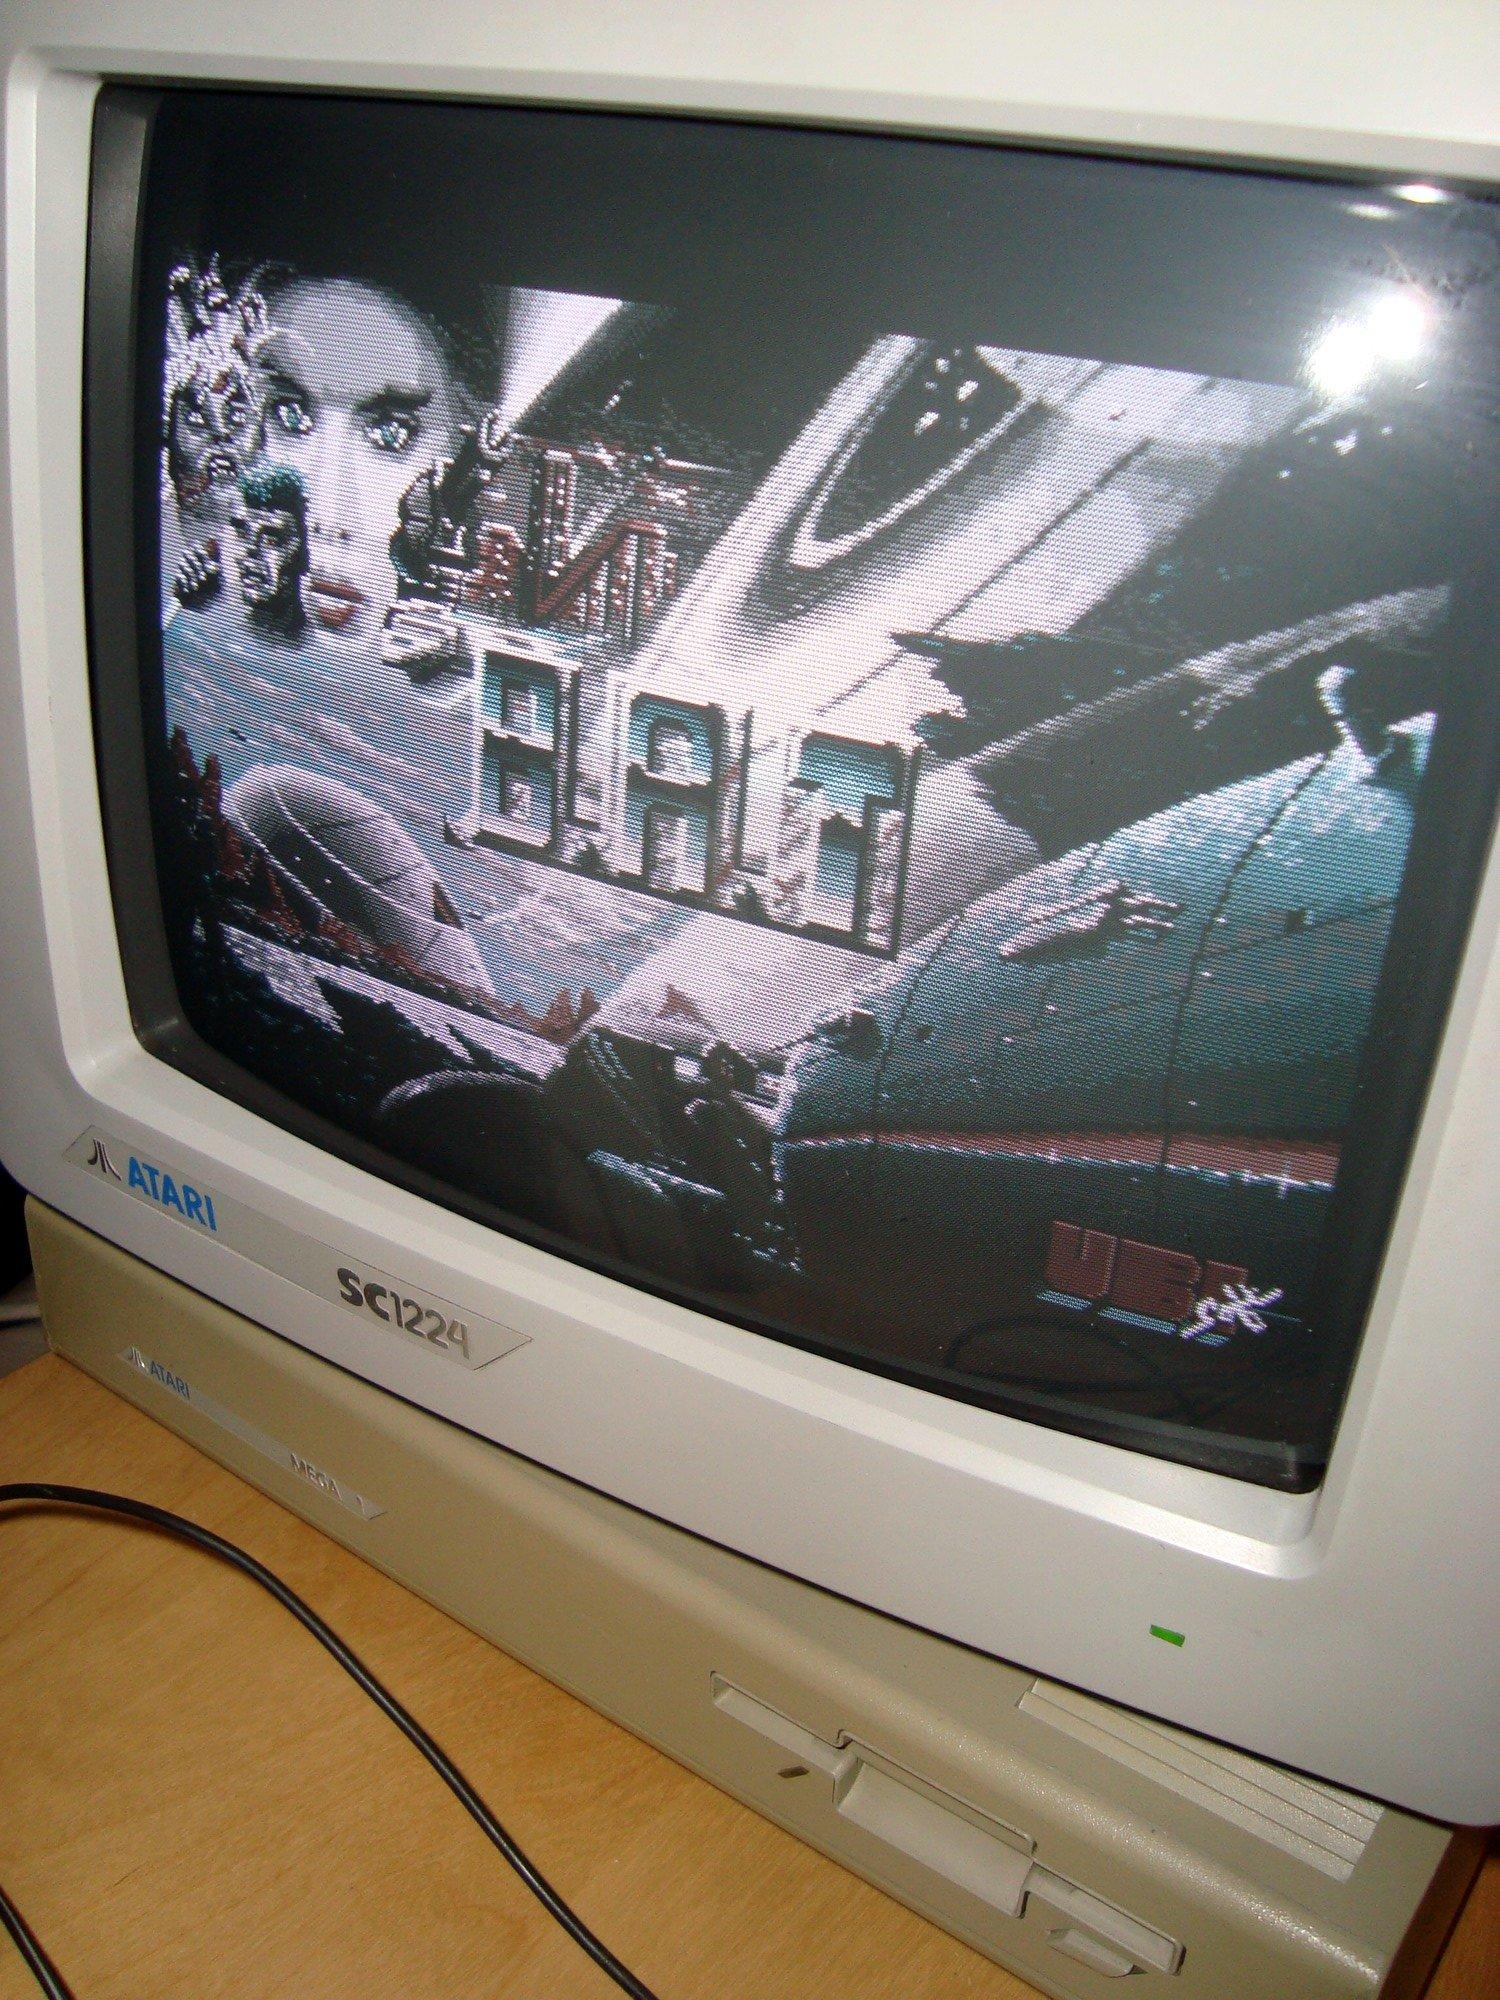 [TEST] B.A.T. - Atari ST 201215090738564691